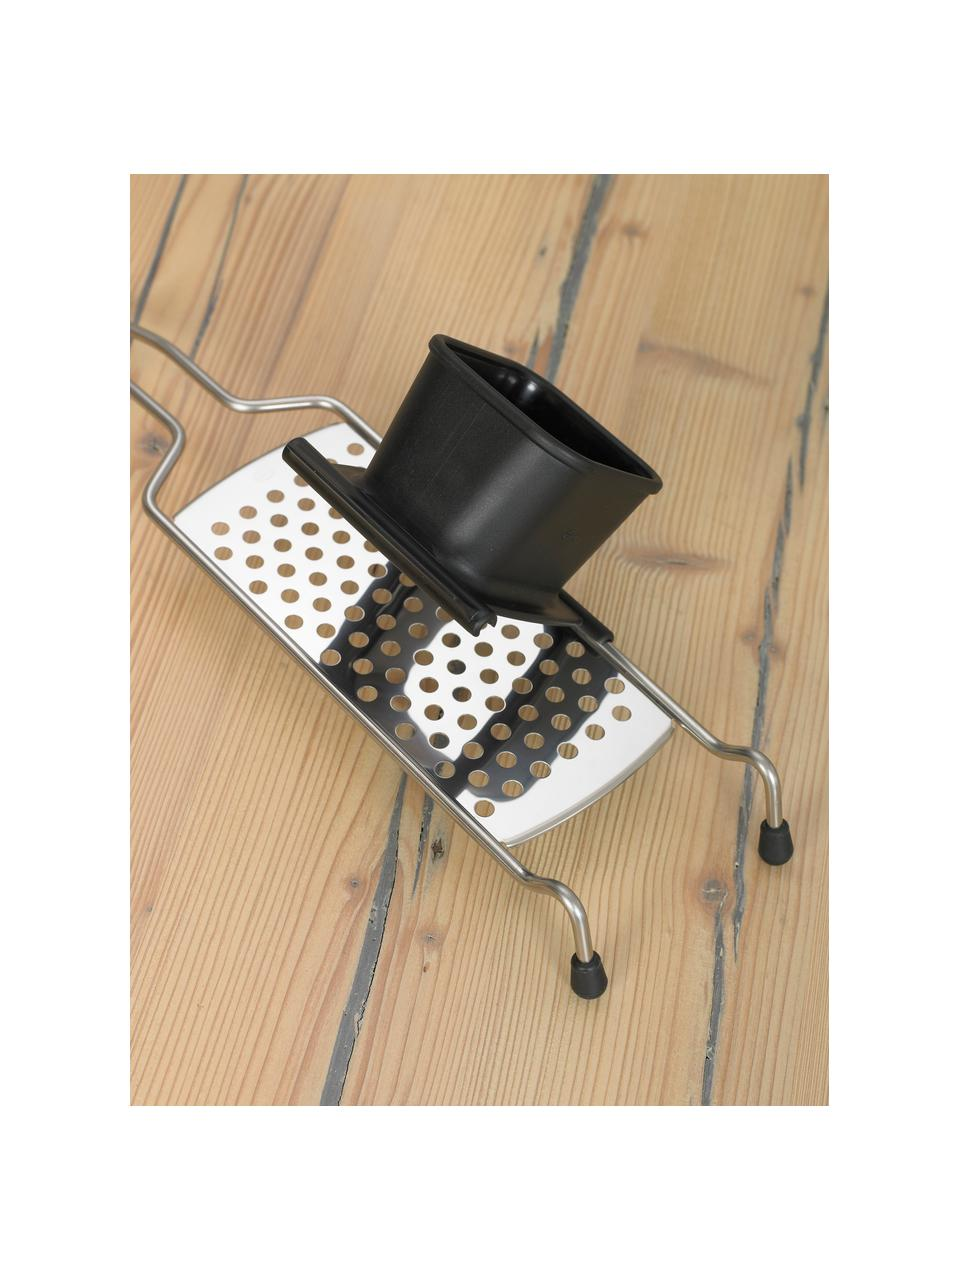 Affettatrice Spaetzle in acciaio inossidabile Dirk, Acciaio inossidabile, nero, Larg. 7 x Lung. 41 cm